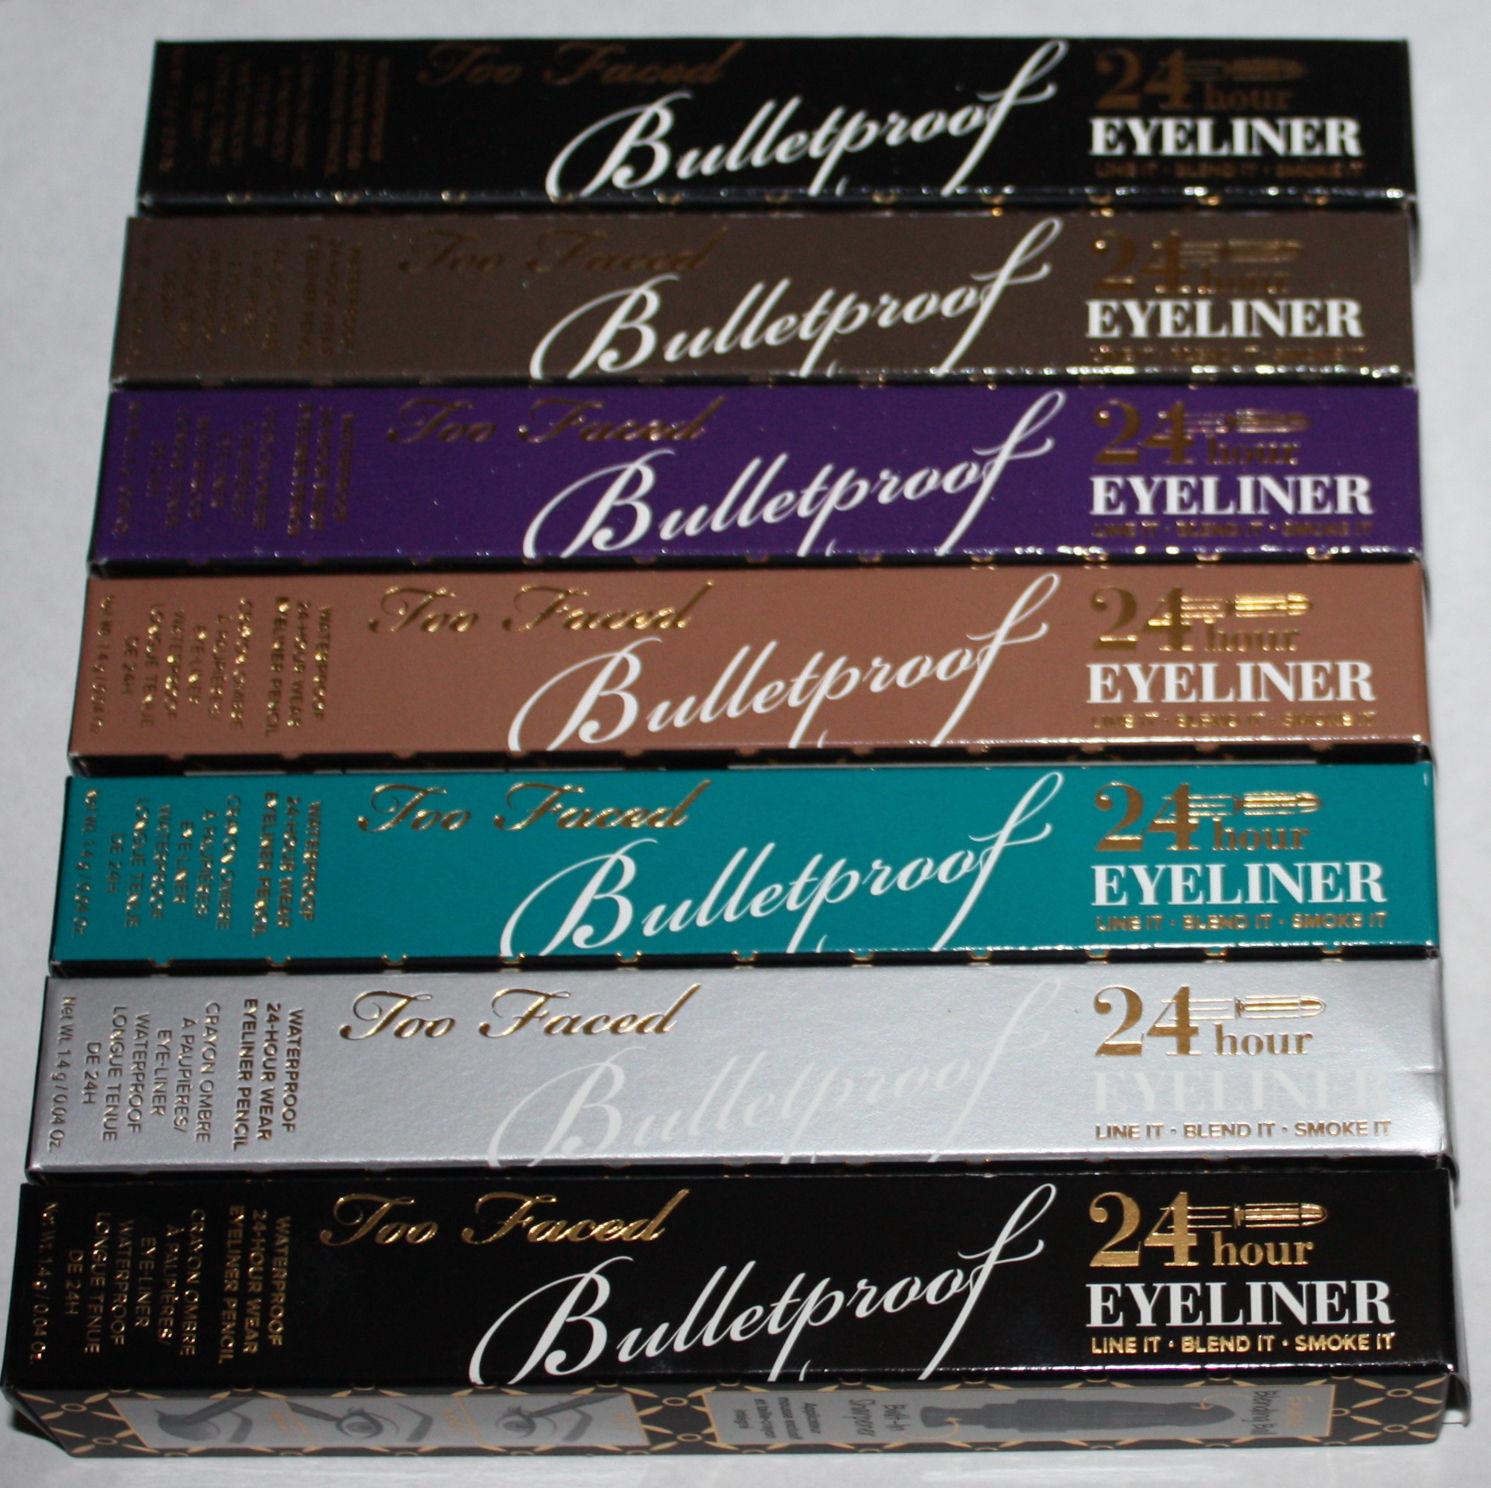 Too Faced Bulletproof Waterproof 24 Hour Eyeliner Pencil 0.04 oz (Several Shades)